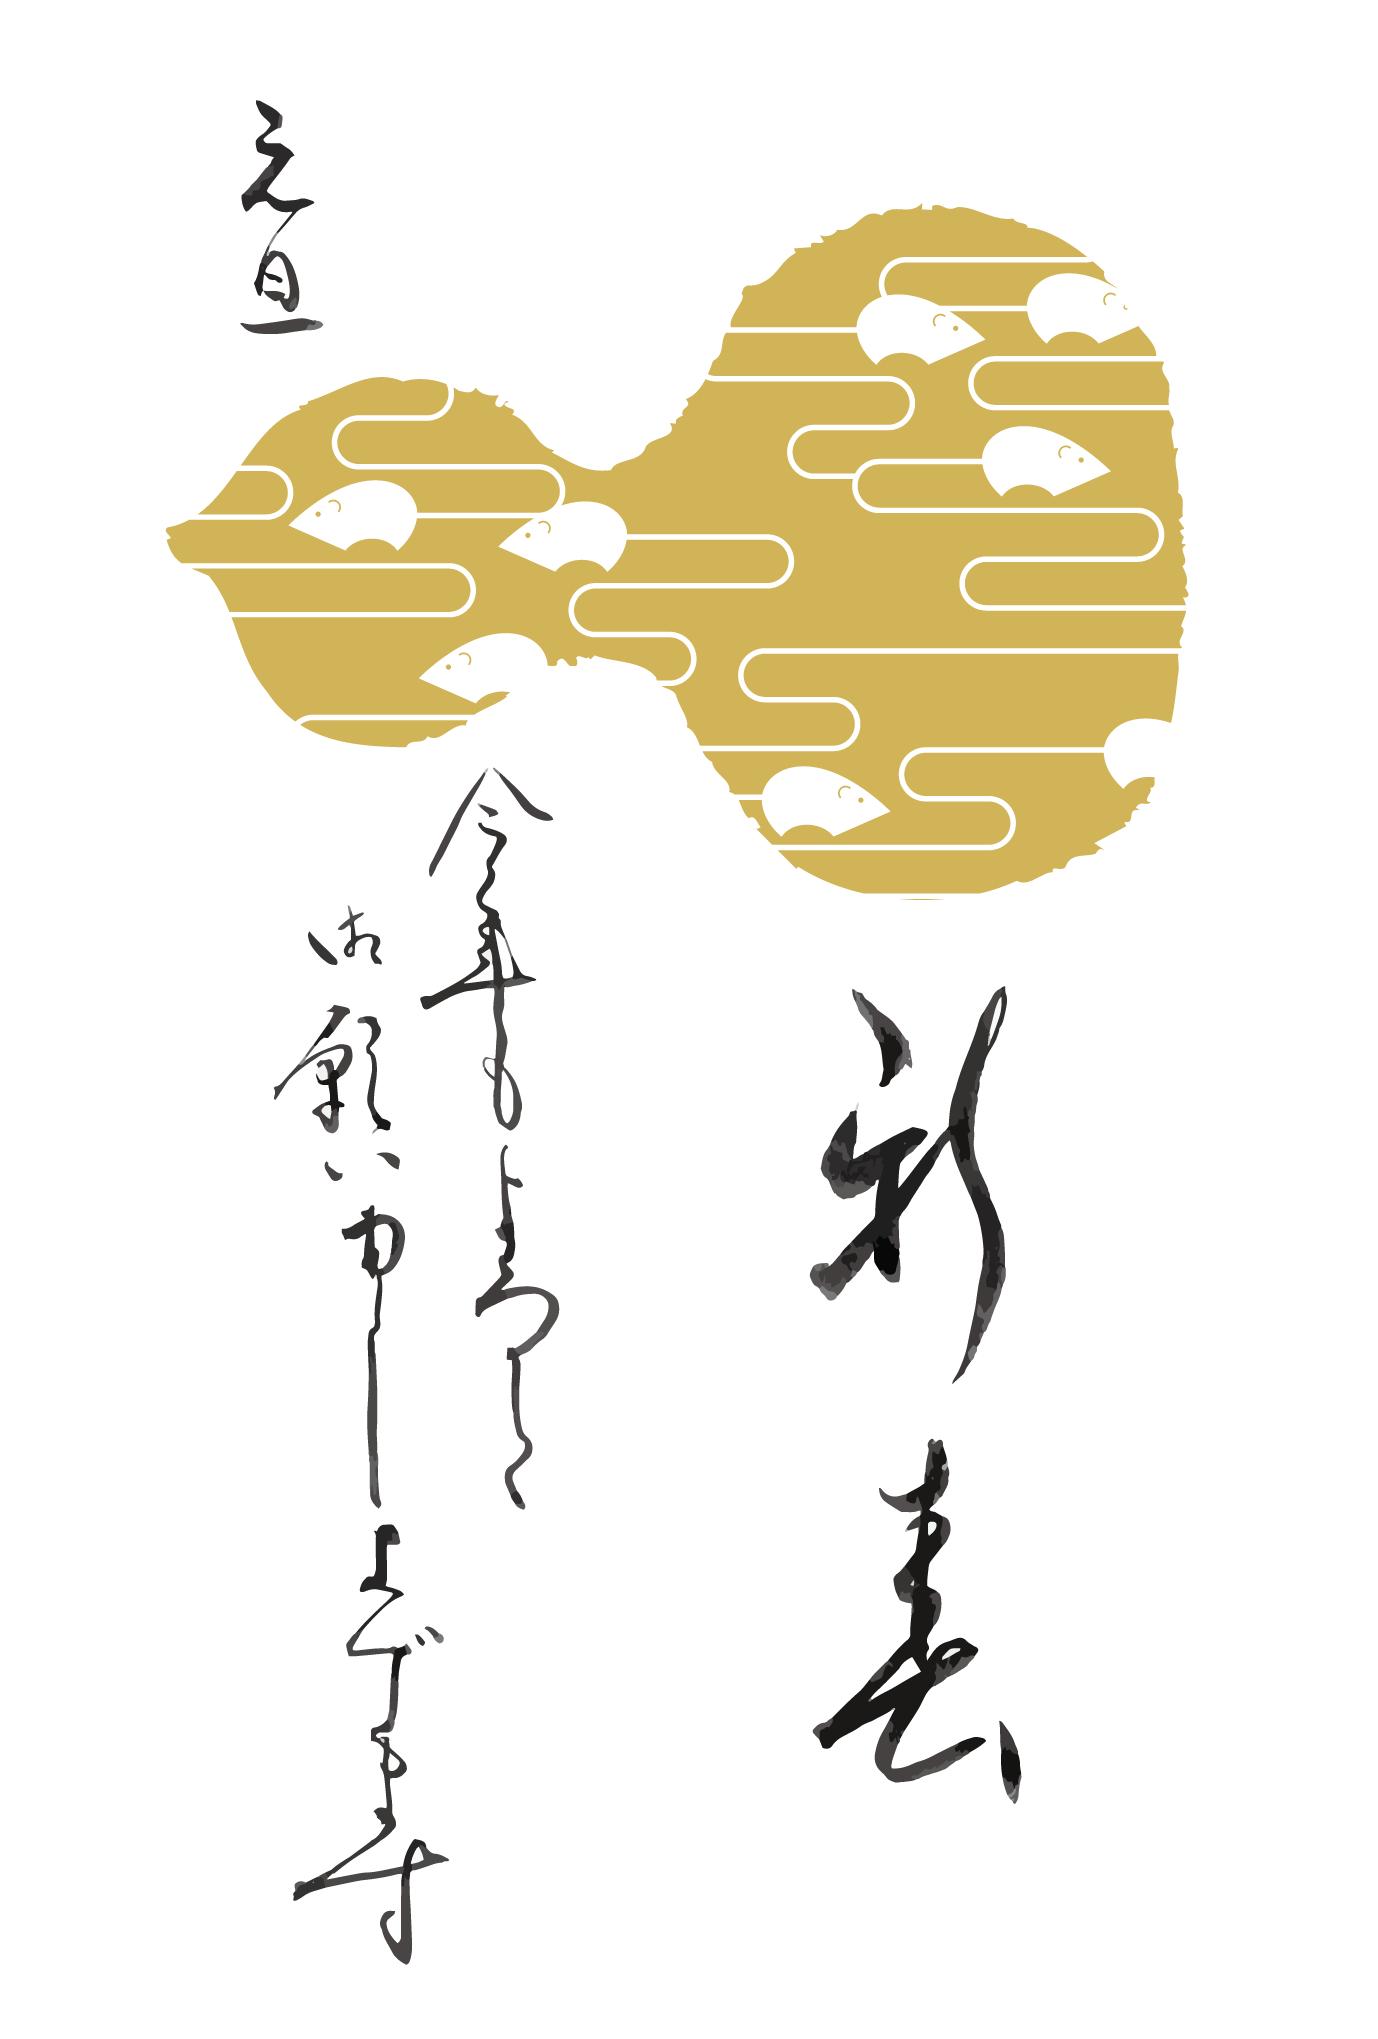 2008年賀状18:鼠金瓢箪のダウンロード画像